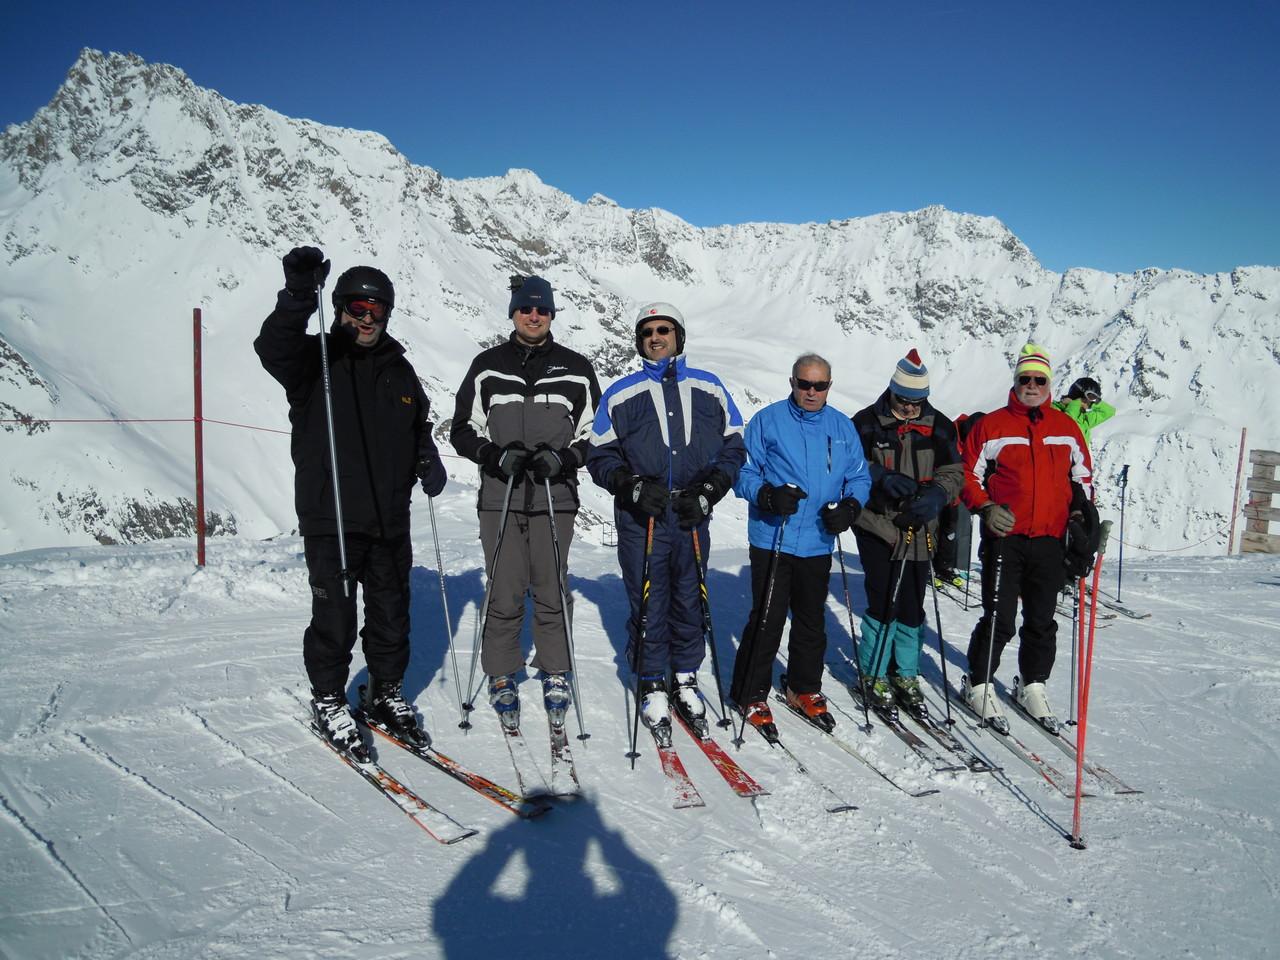 Skiclub Neun Holz ohne Bernd (der Schatten fotografiert gerade)